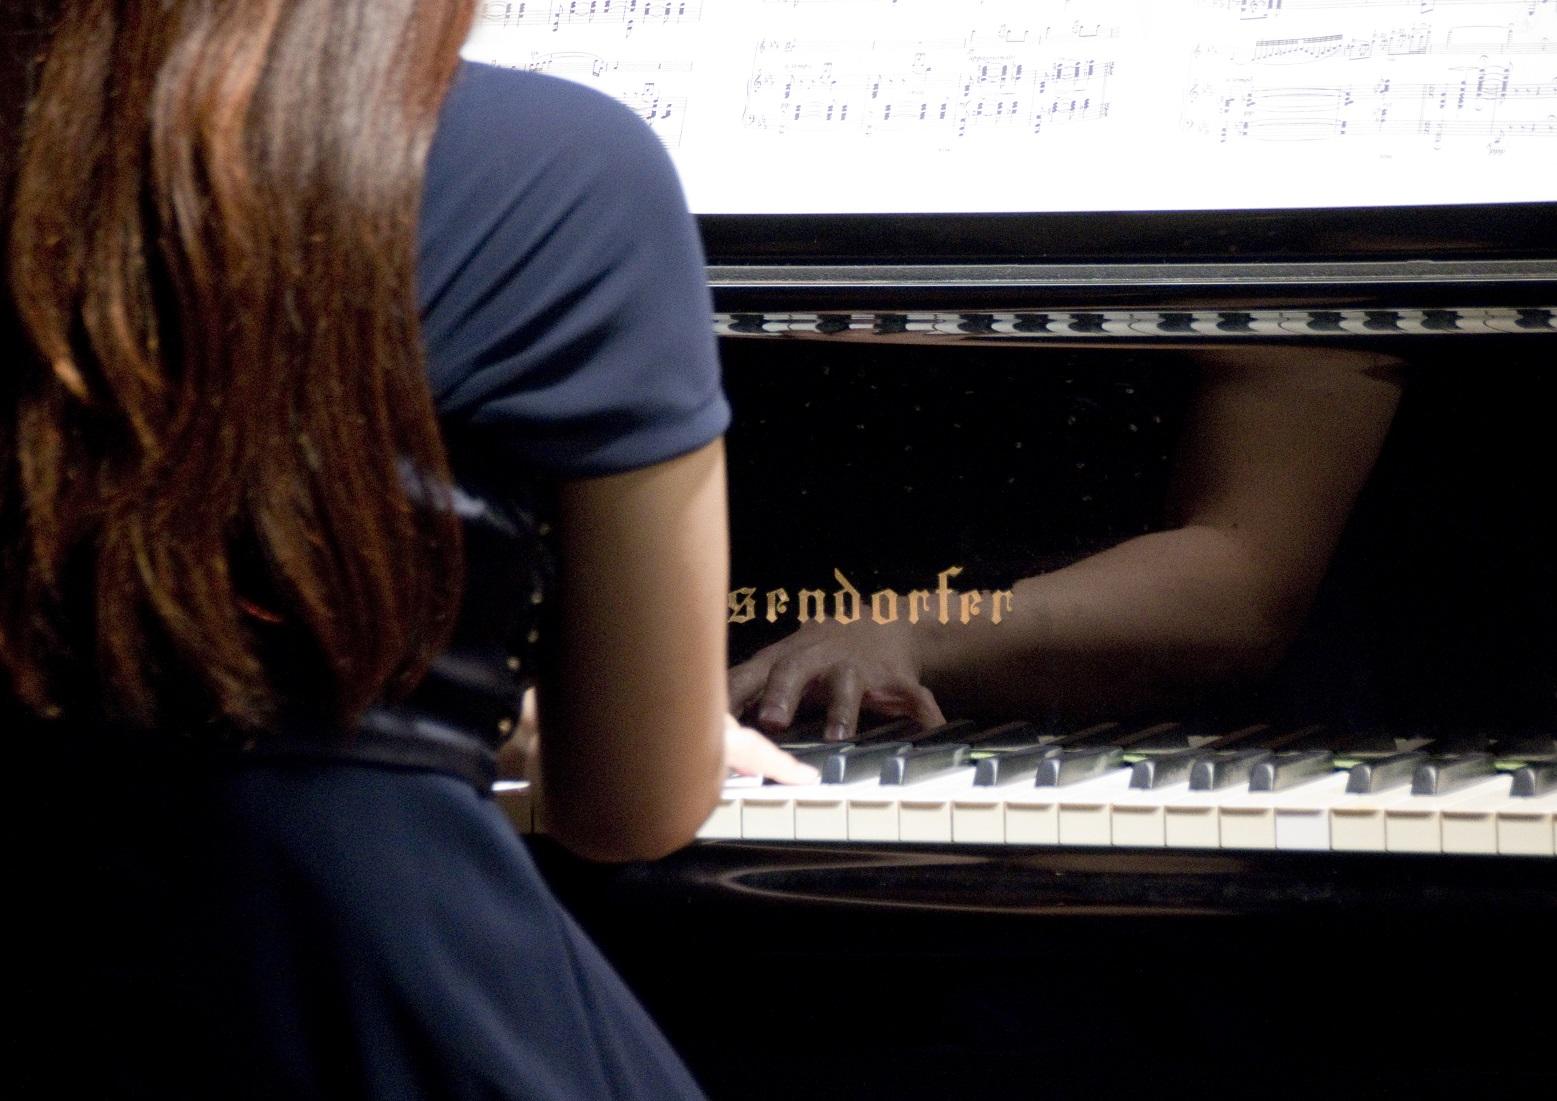 ピアノ酒井友芙未